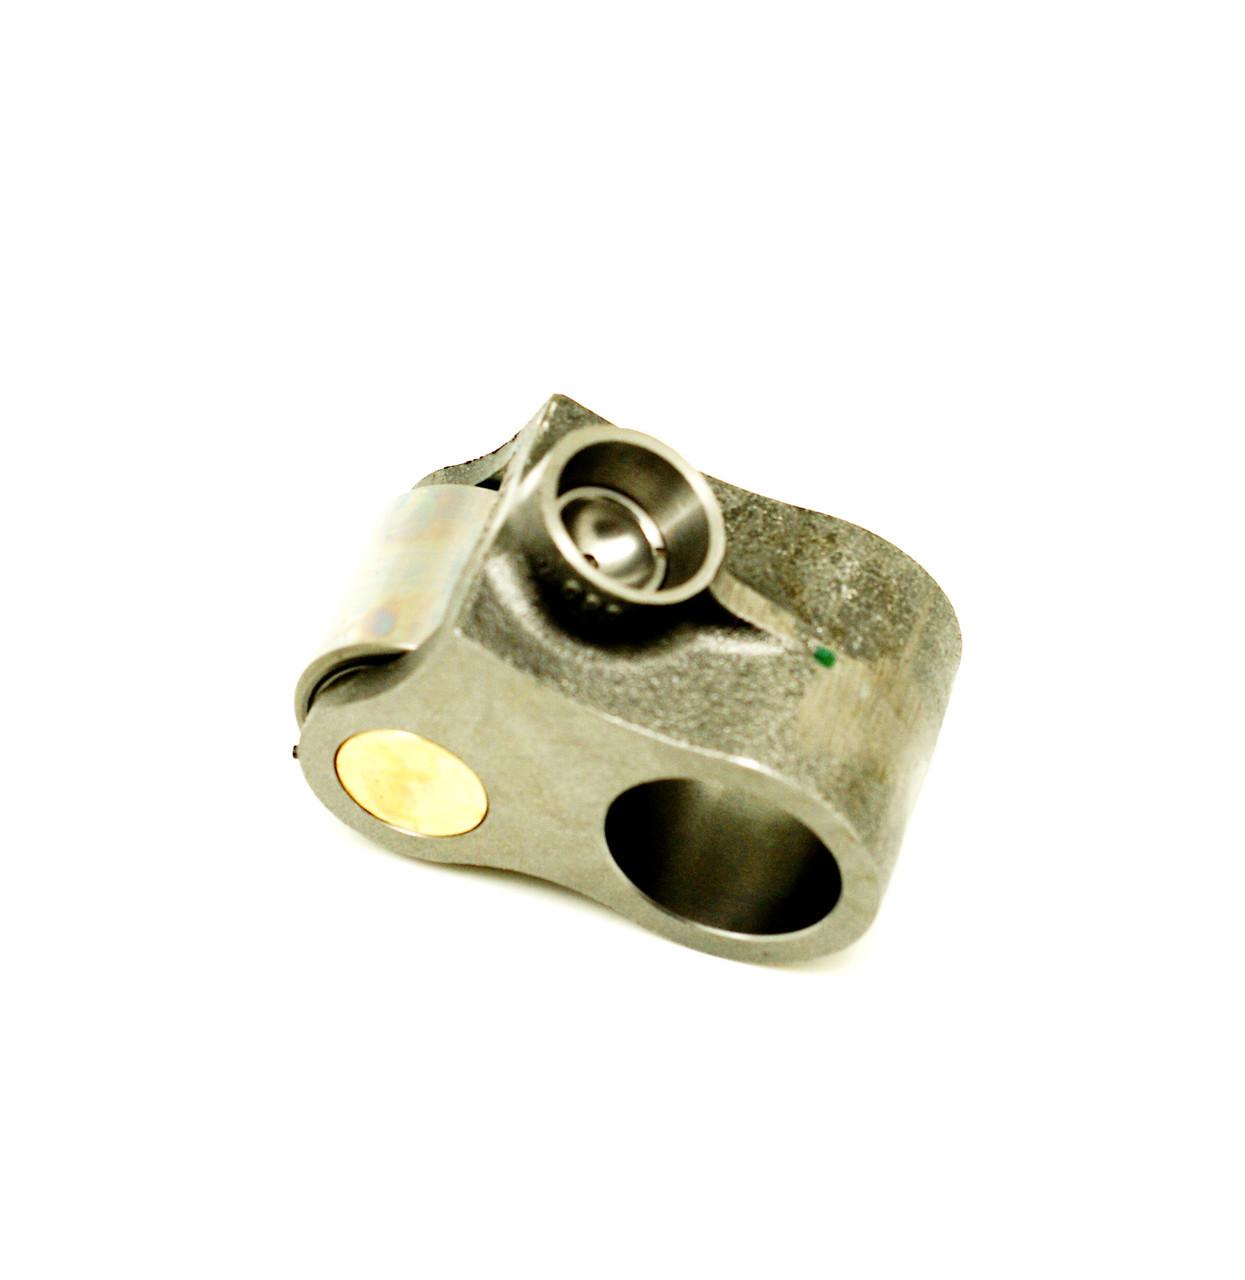 Рычаг толкателя клапана для двигателя Cummins 3417645 3161473 3328628 389549 3079590 3079589